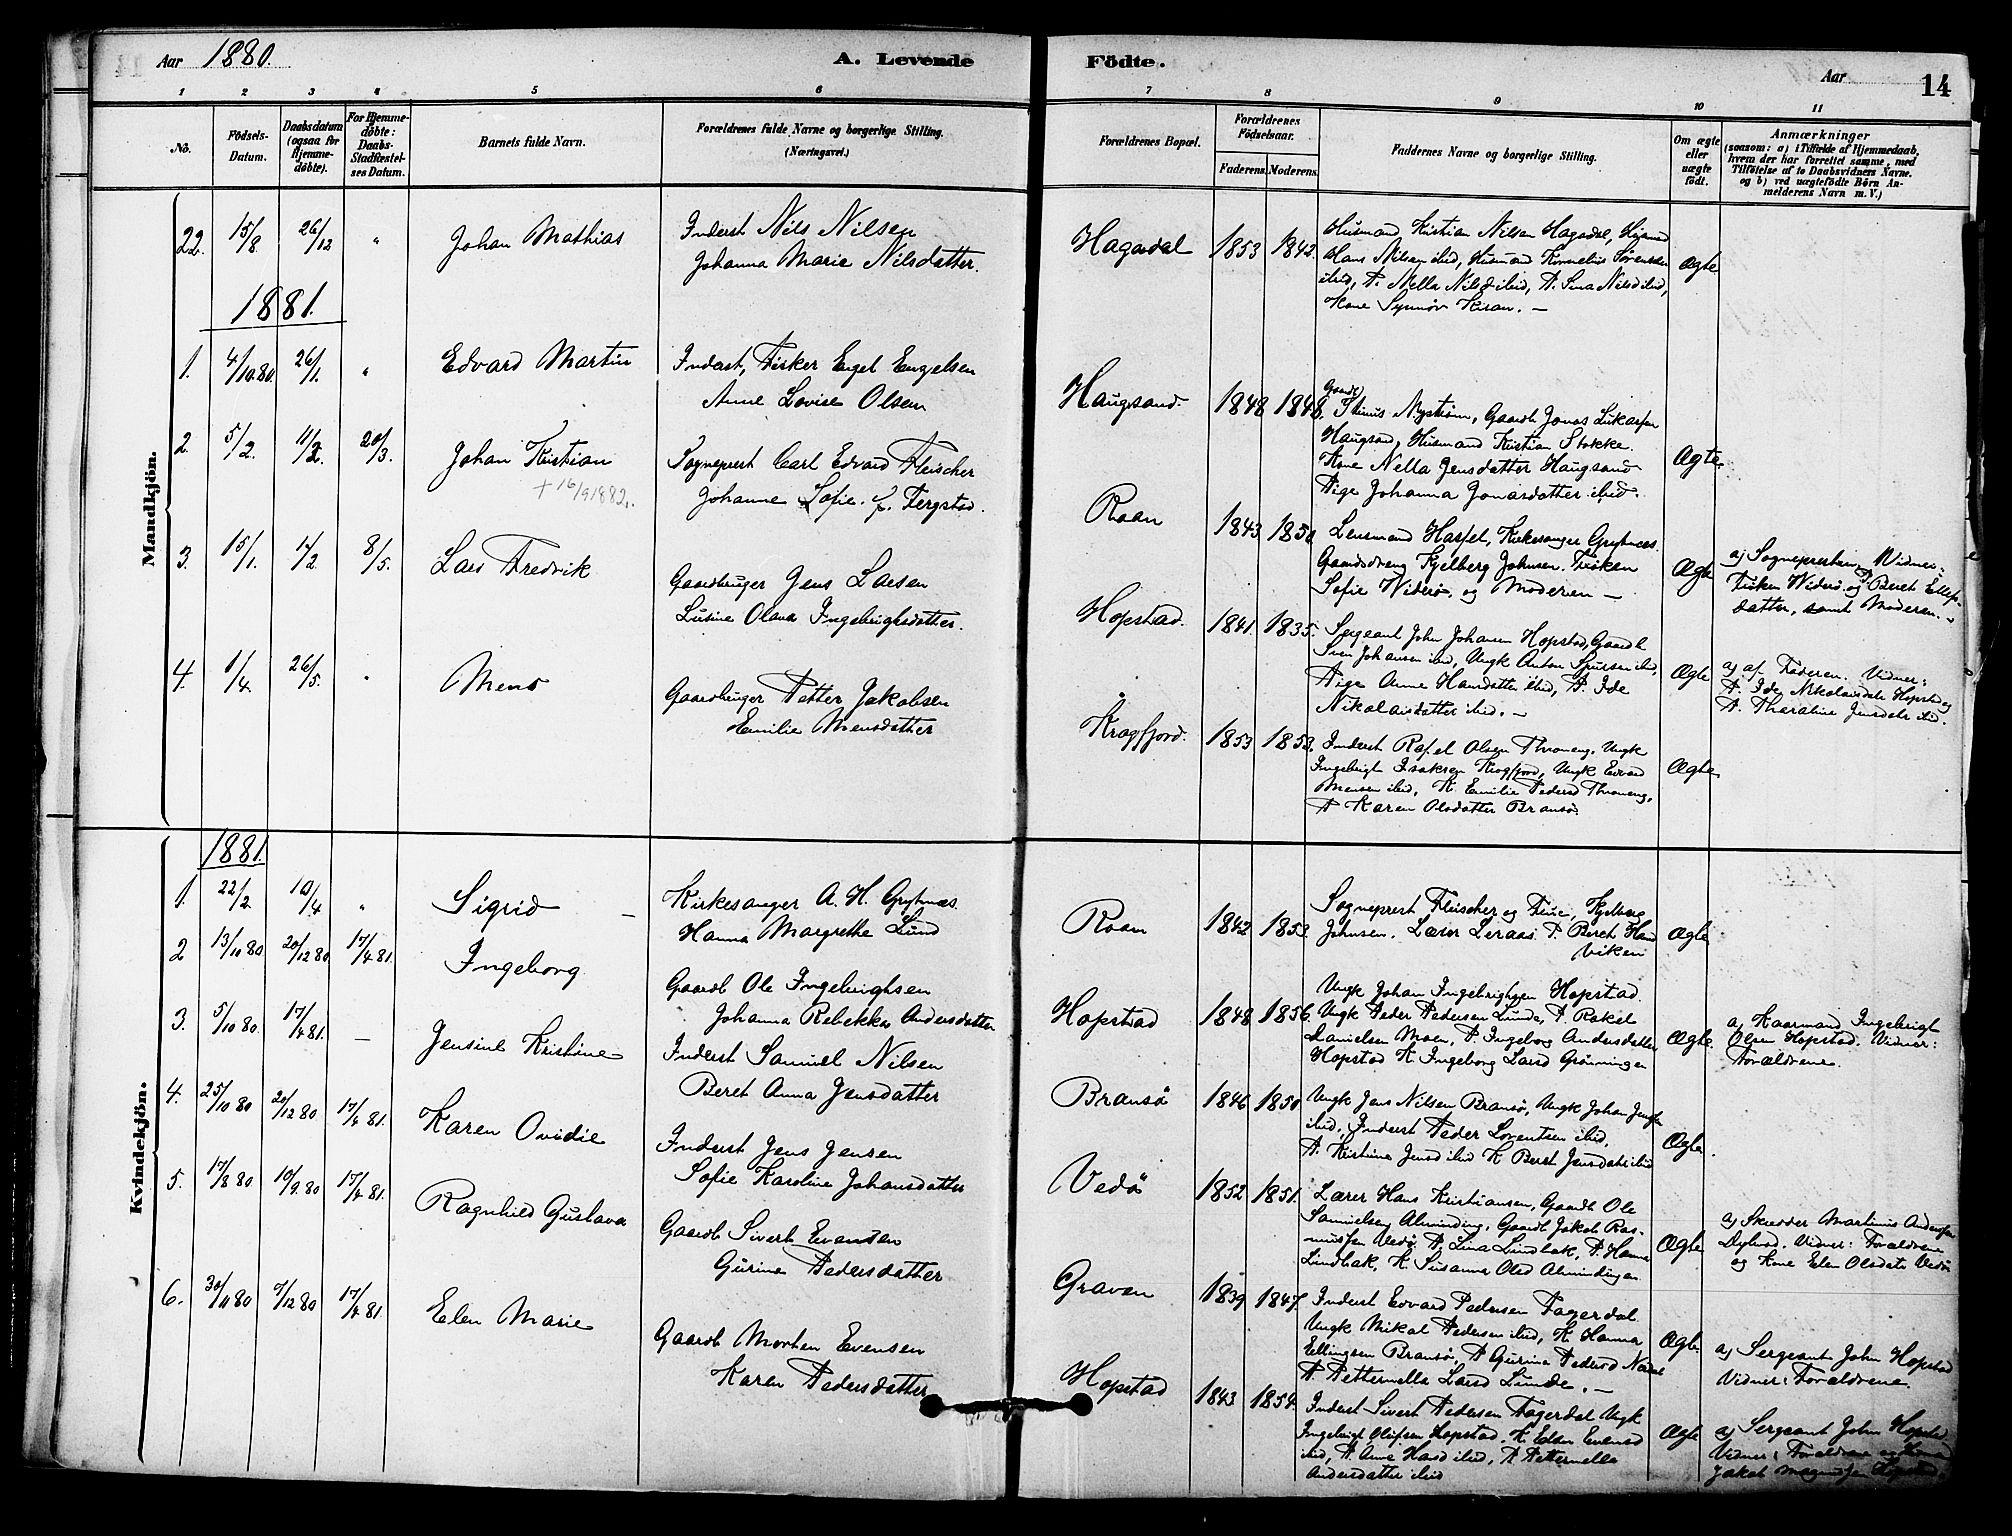 SAT, Ministerialprotokoller, klokkerbøker og fødselsregistre - Sør-Trøndelag, 657/L0707: Ministerialbok nr. 657A08, 1879-1893, s. 14